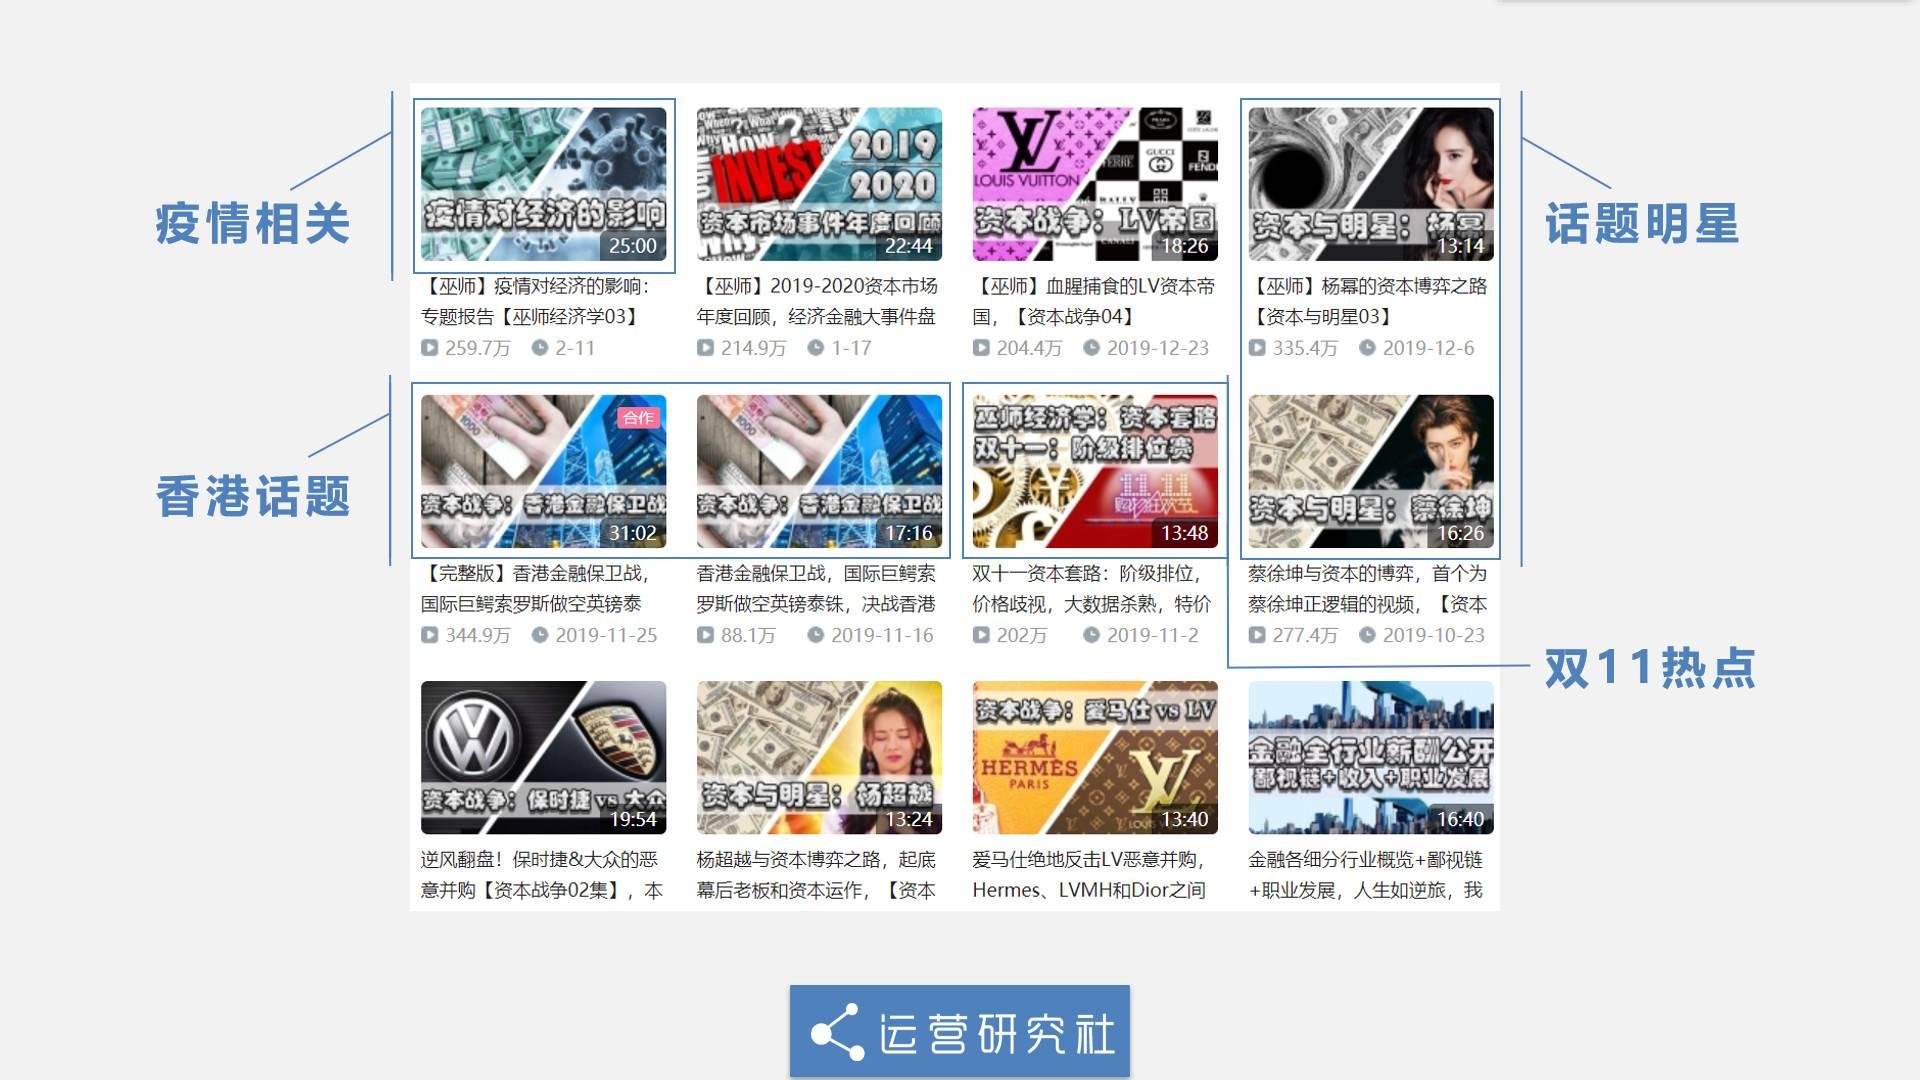 鸟哥笔记,广告营销,运营研究社,营销,传播,策略